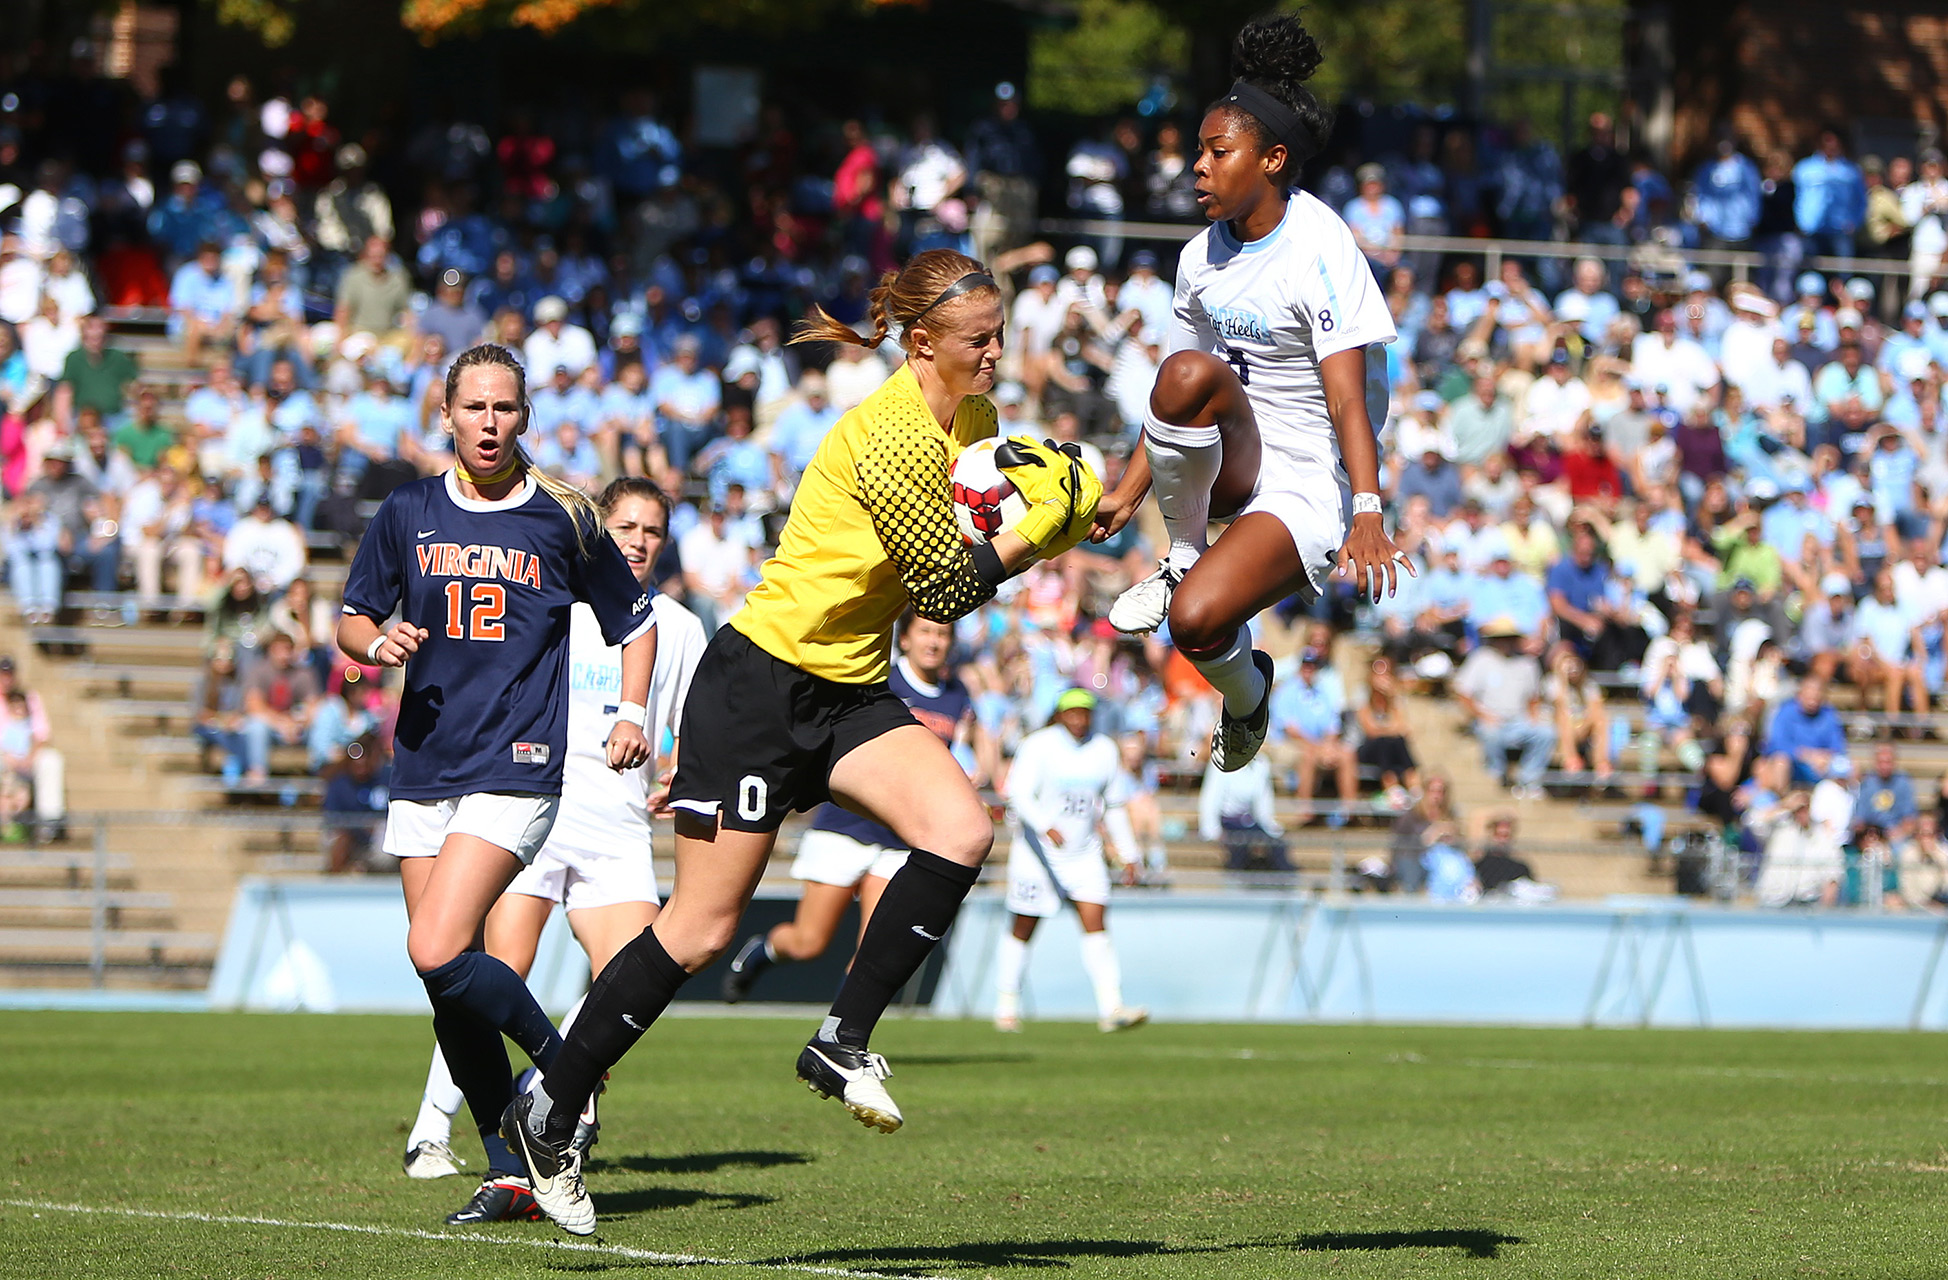 UNC vs. Virginia Soccer